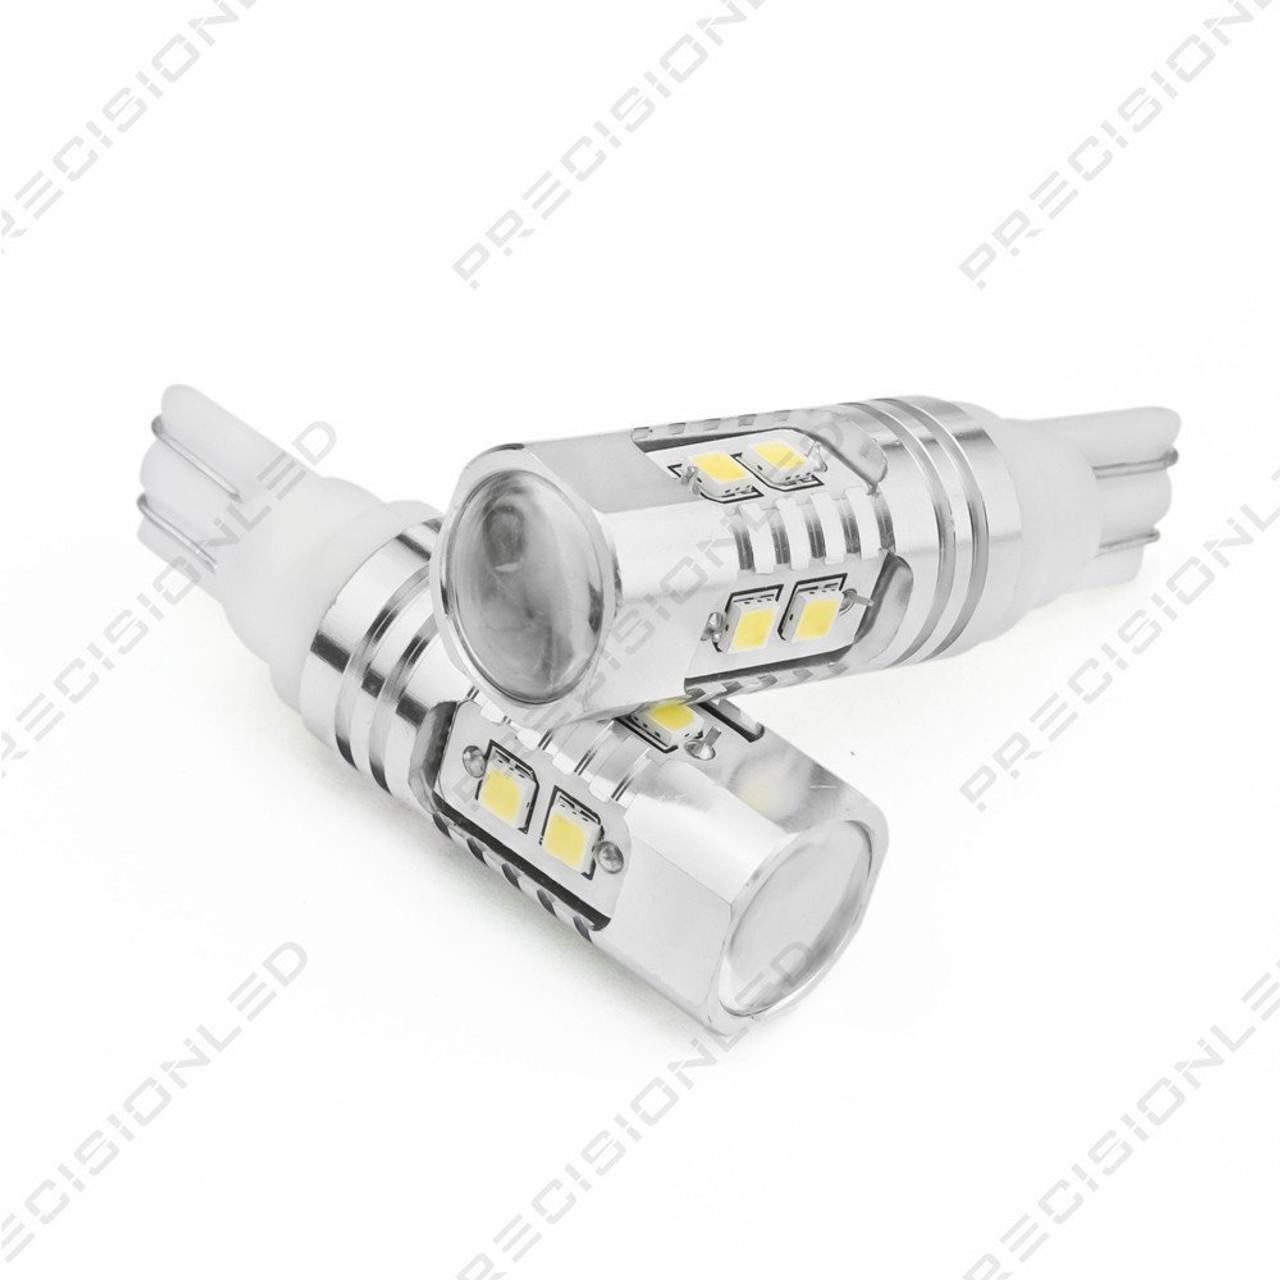 Hyundai Scoupe LED Backup Reverse Lights (1991-1995)